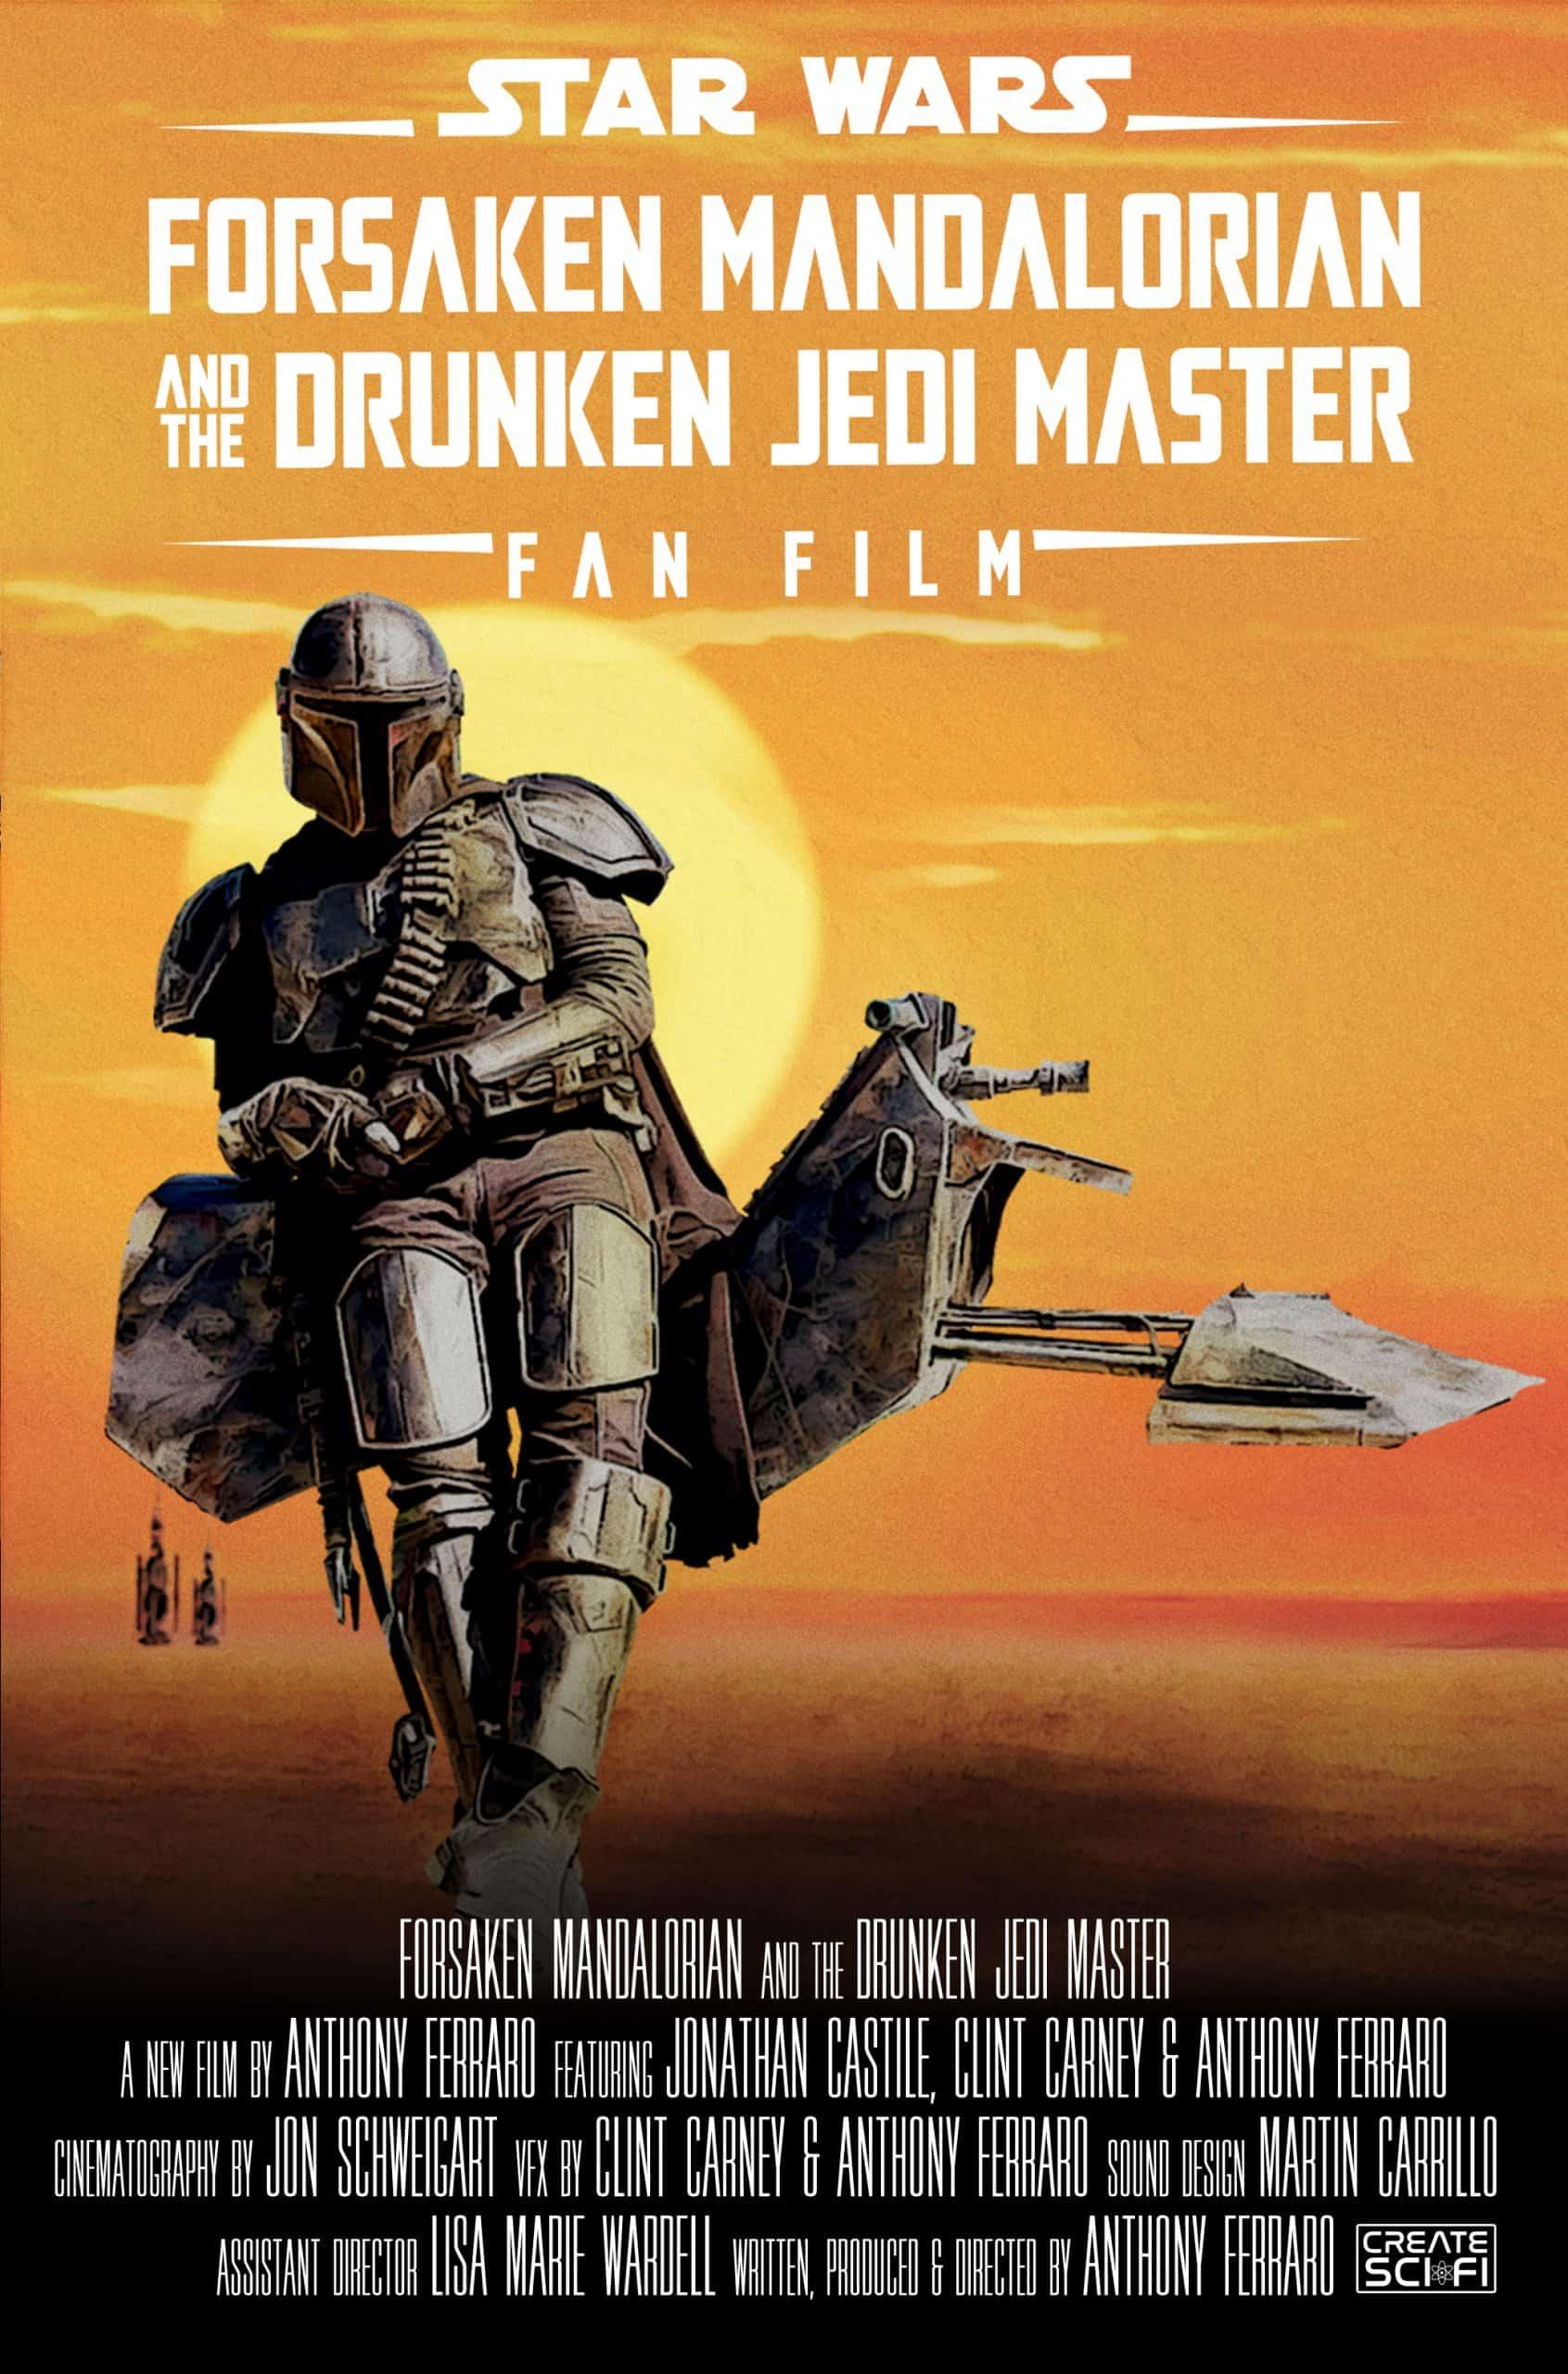 Forsaken Mandalorian and The Drunken Jedi Master launches August 6th on YouTube 2